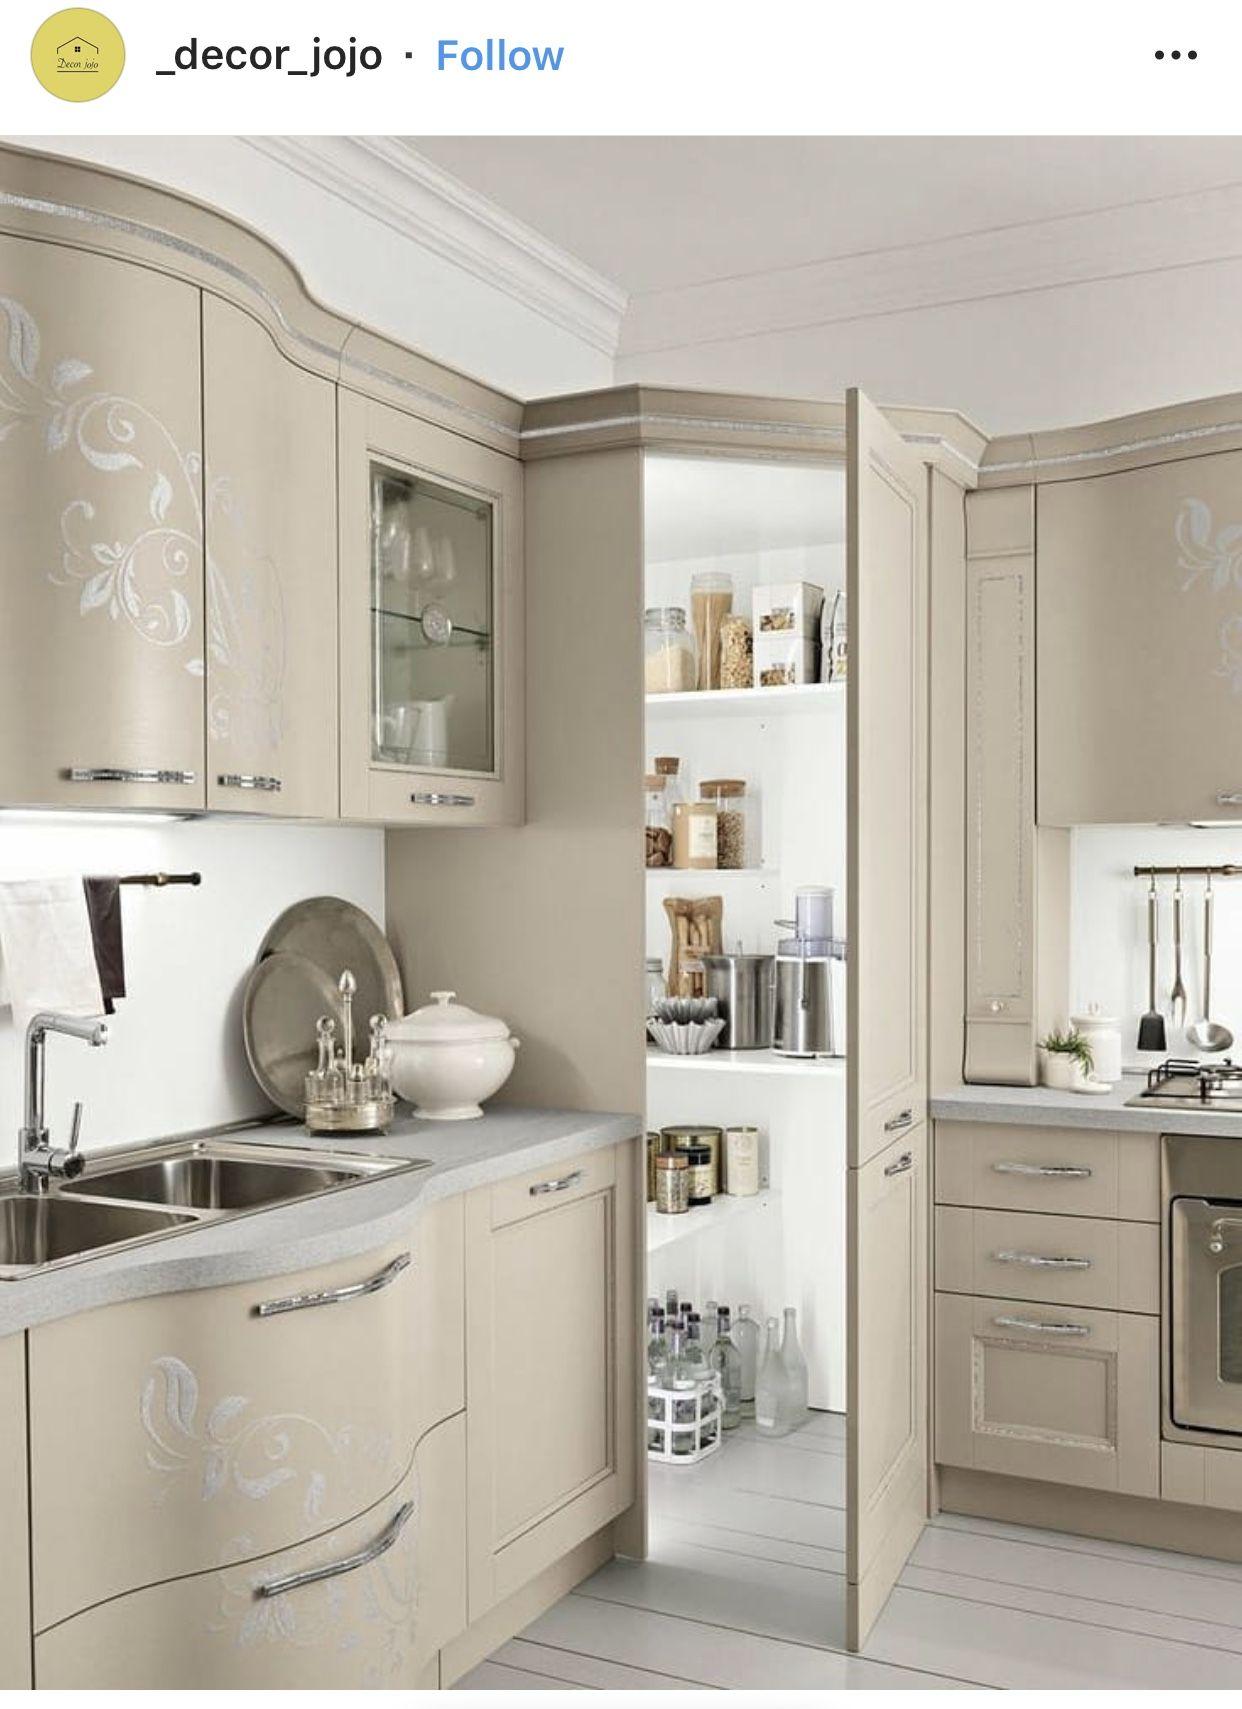 افكار زاوية المطبخ Kitchen Room Design Modern Kitchen Design Kitchen Cabinet Design